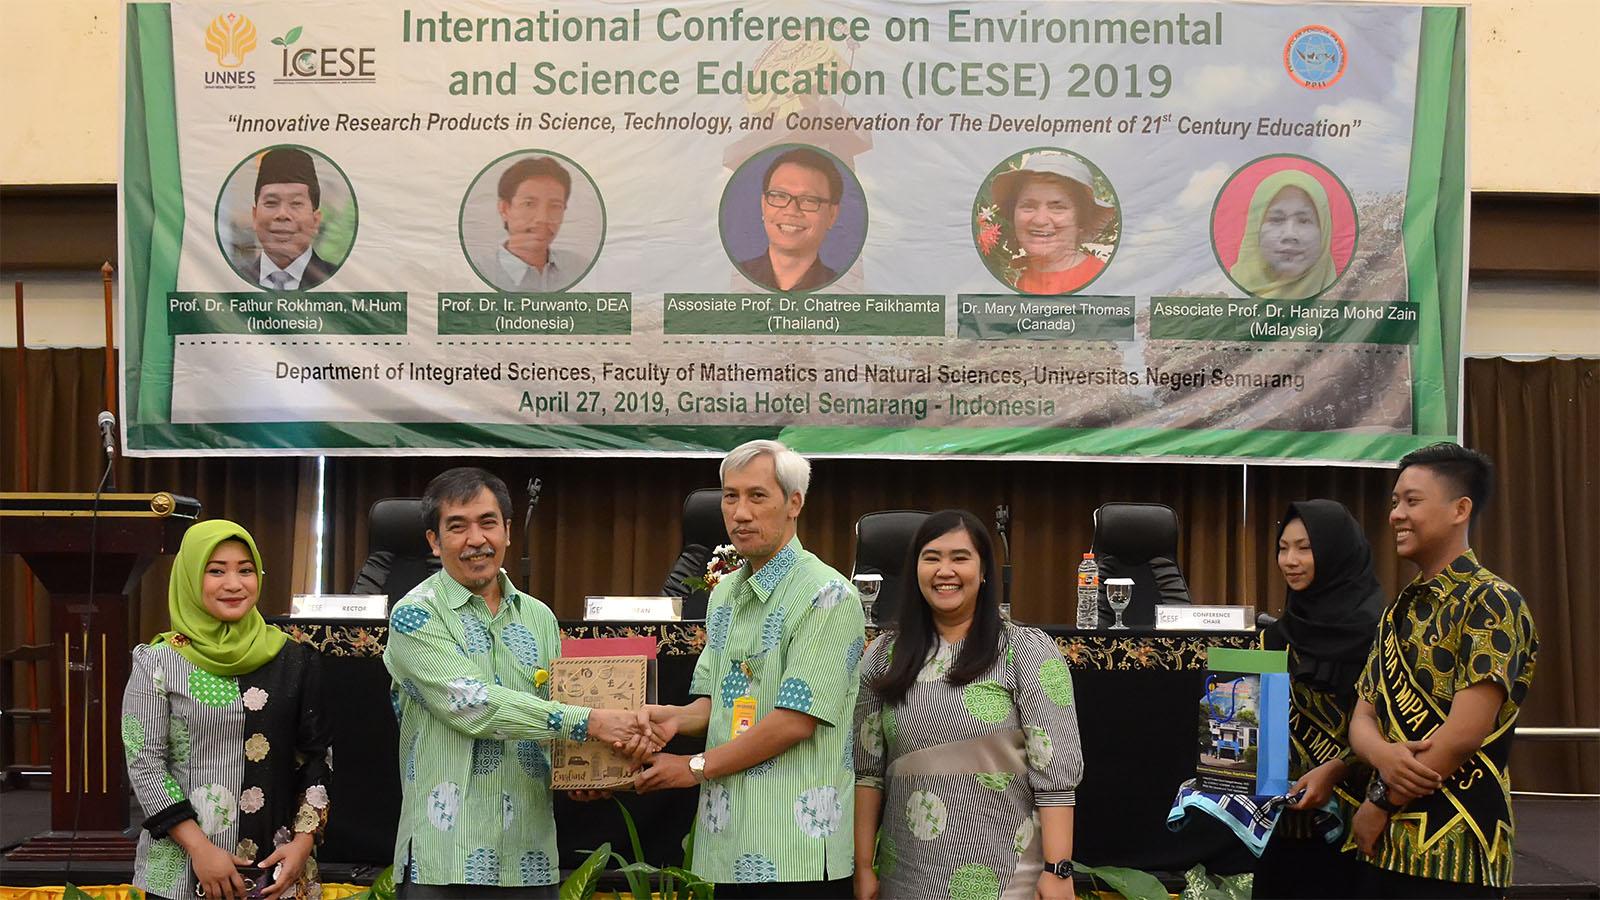 Tampil Perdana, ICESE 2019 Sukses Pertemukan Berbagai Inovasi